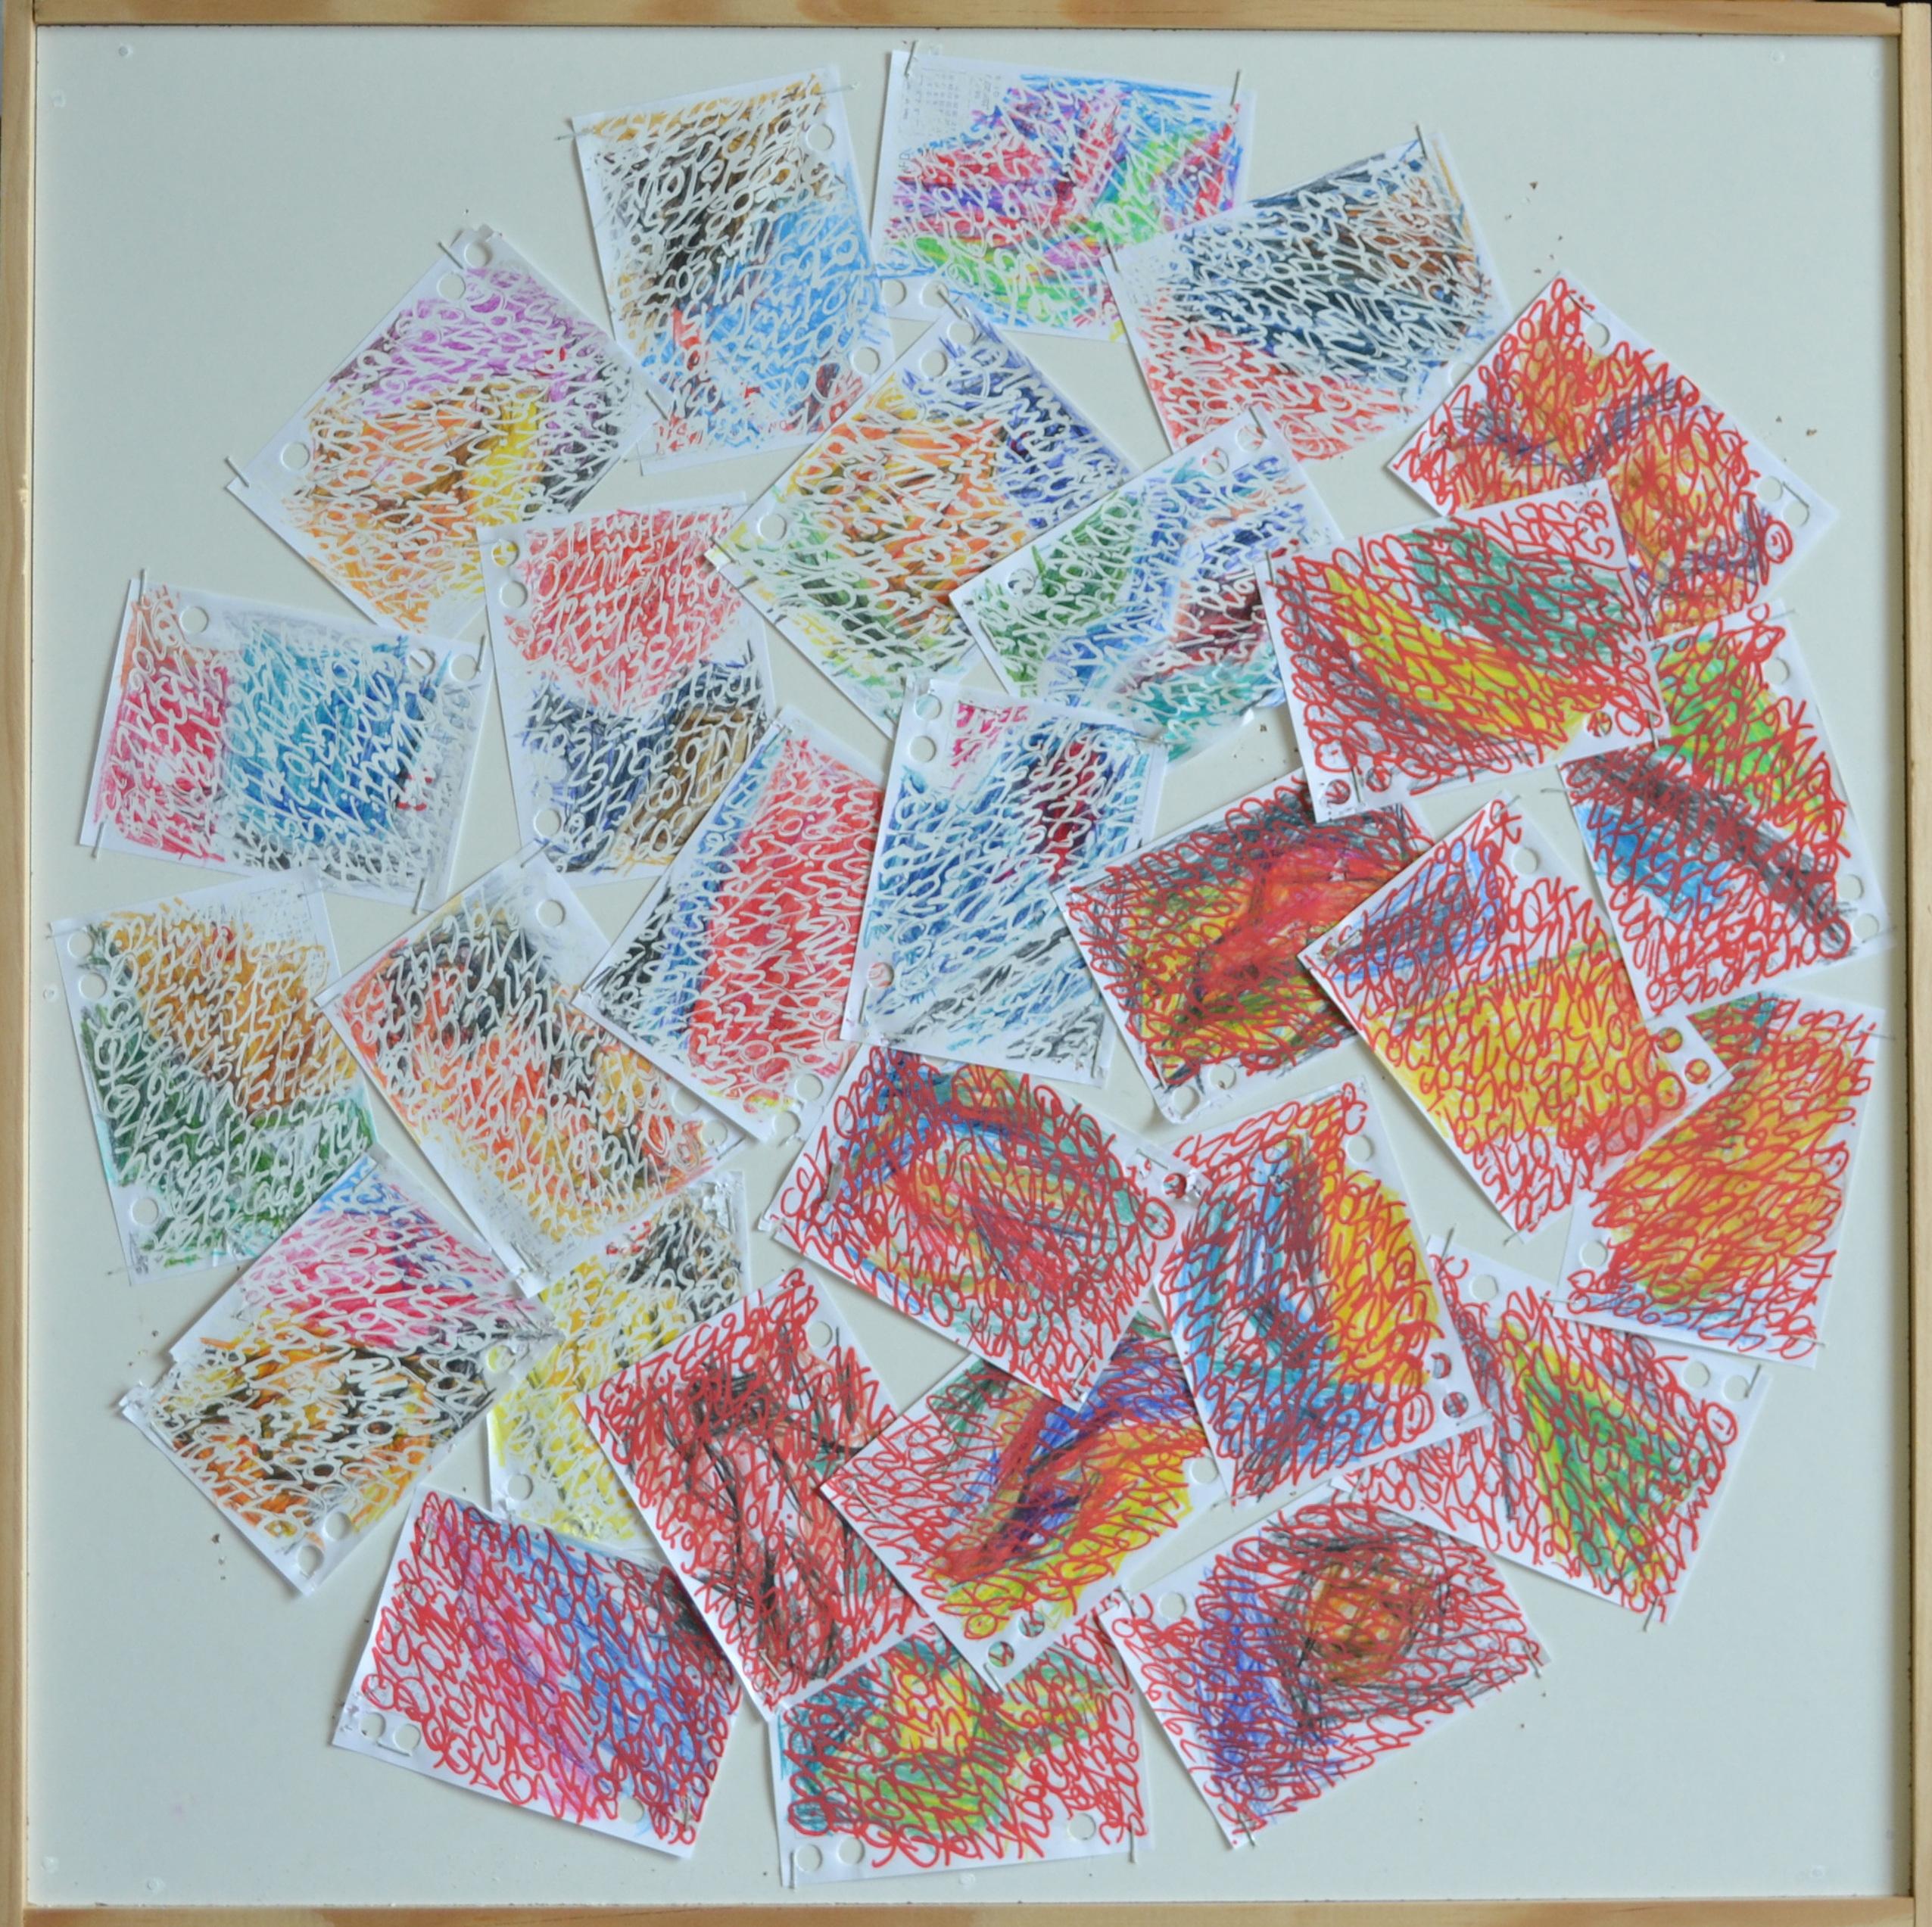 Mappemonde Ephéméride 2018, mois de Février, 2/12, crayons de couleur, stylo correcteur et acrylique sur papiers agrafés sur bois, 59 x 59 cm